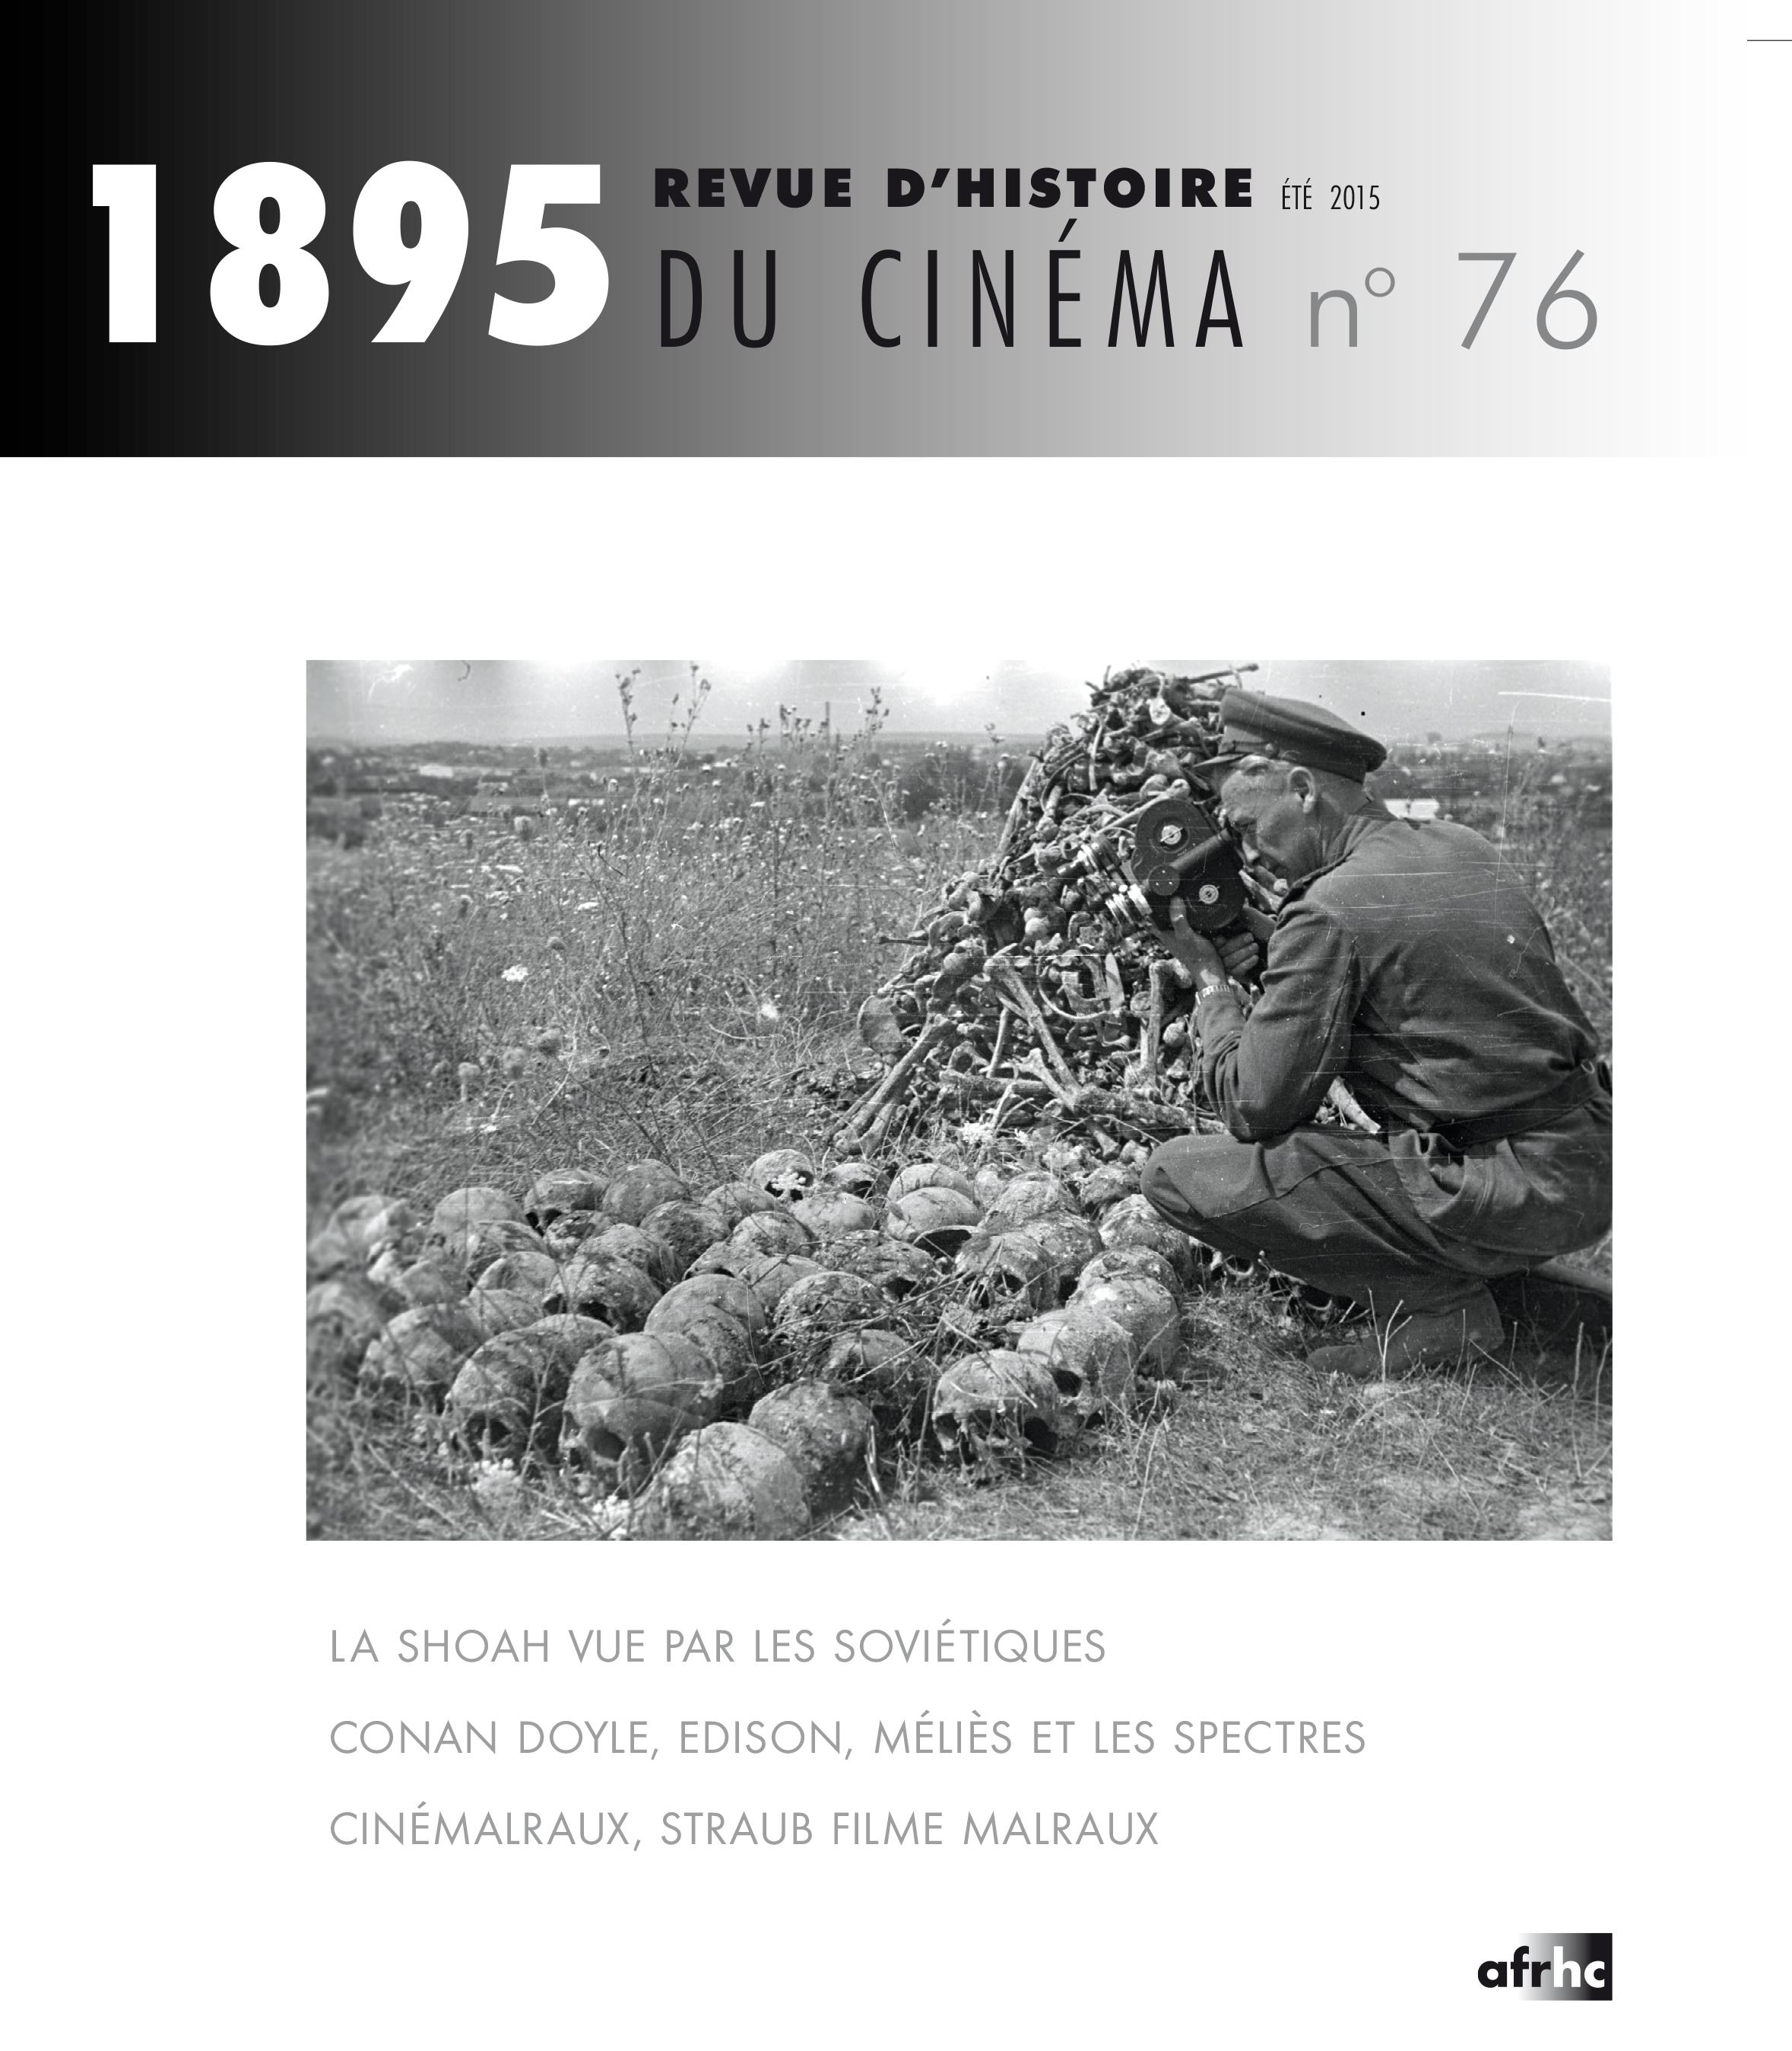 Revue_1895_76_couv-15167 1..1